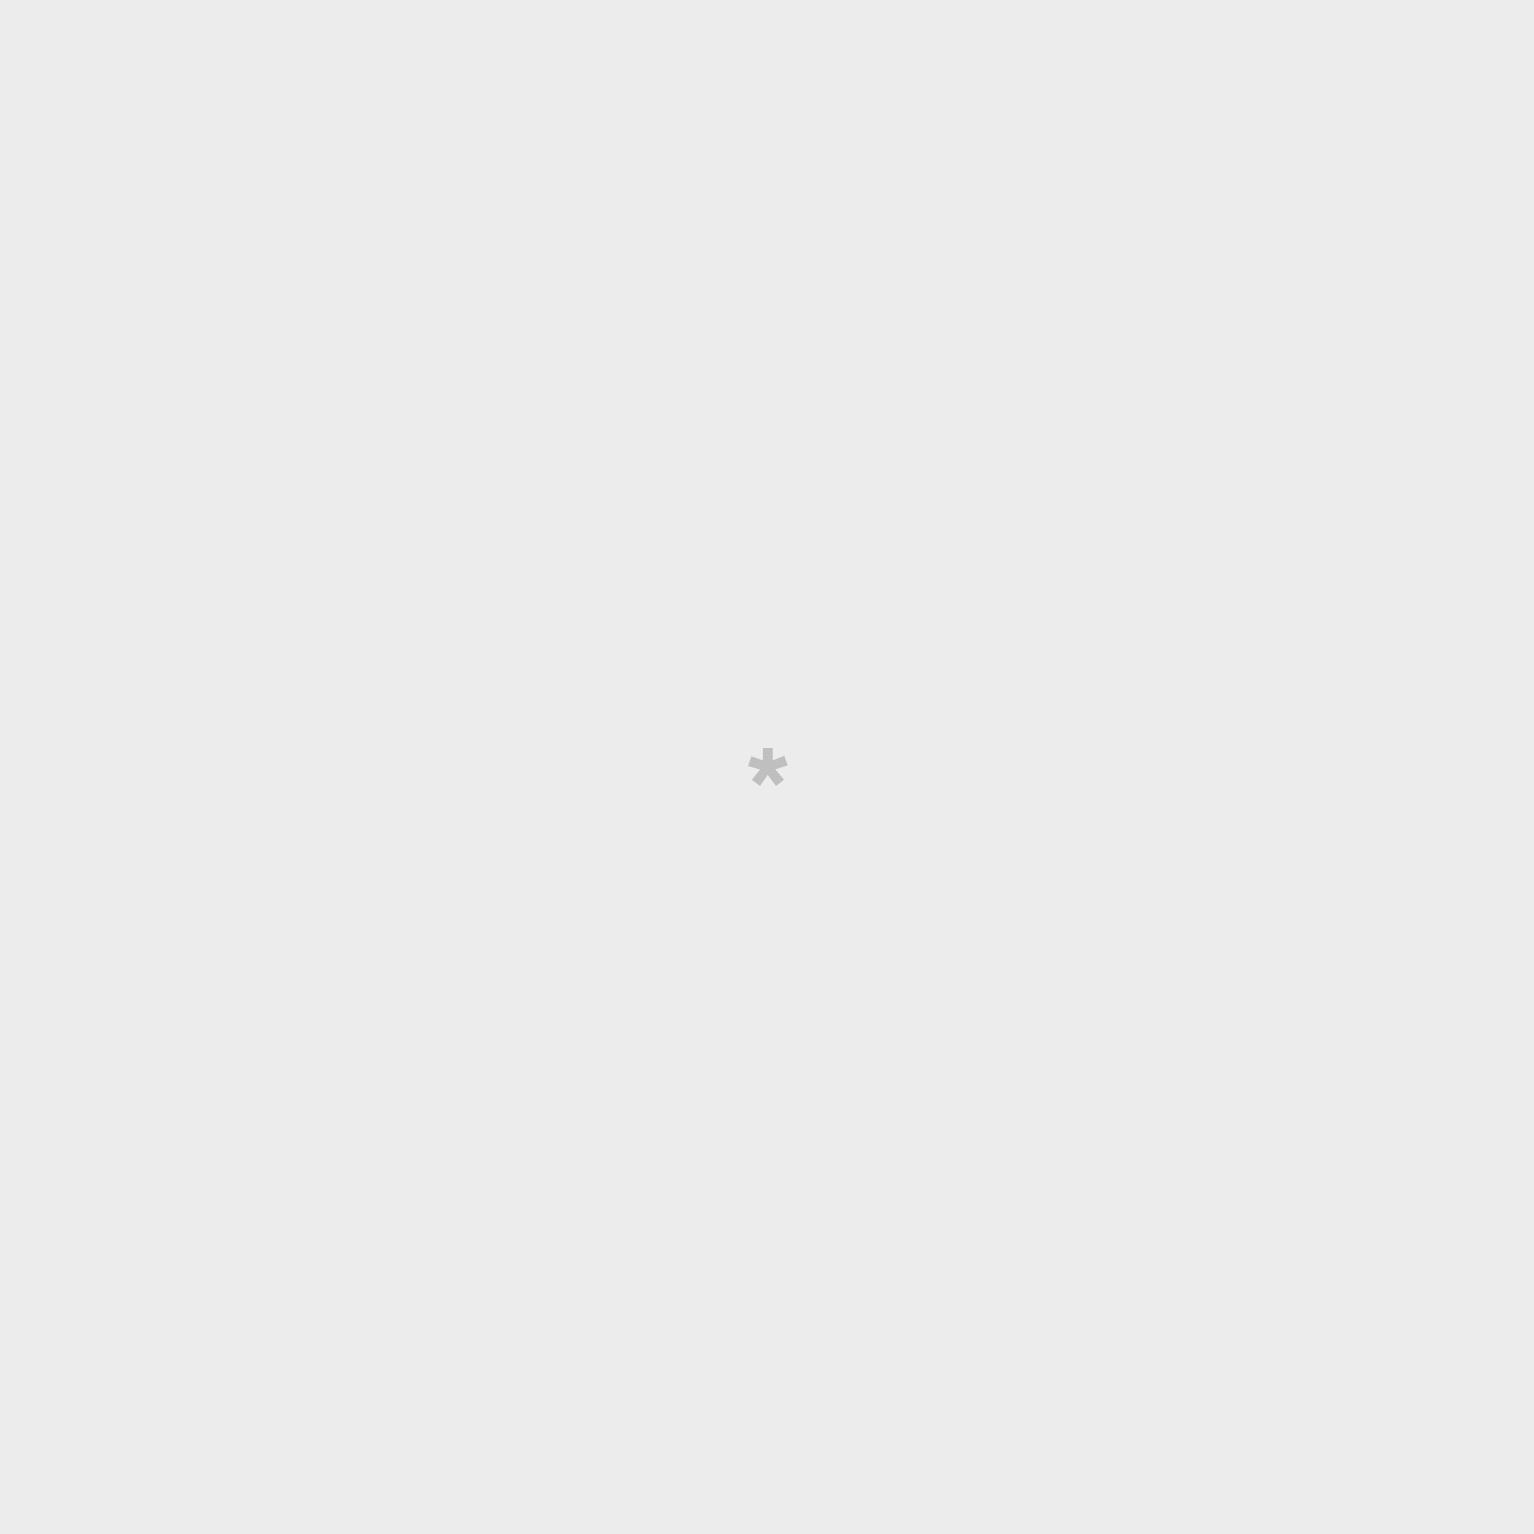 Copa de cerveza - La cerveza siempre fría y mejor en tu compañía